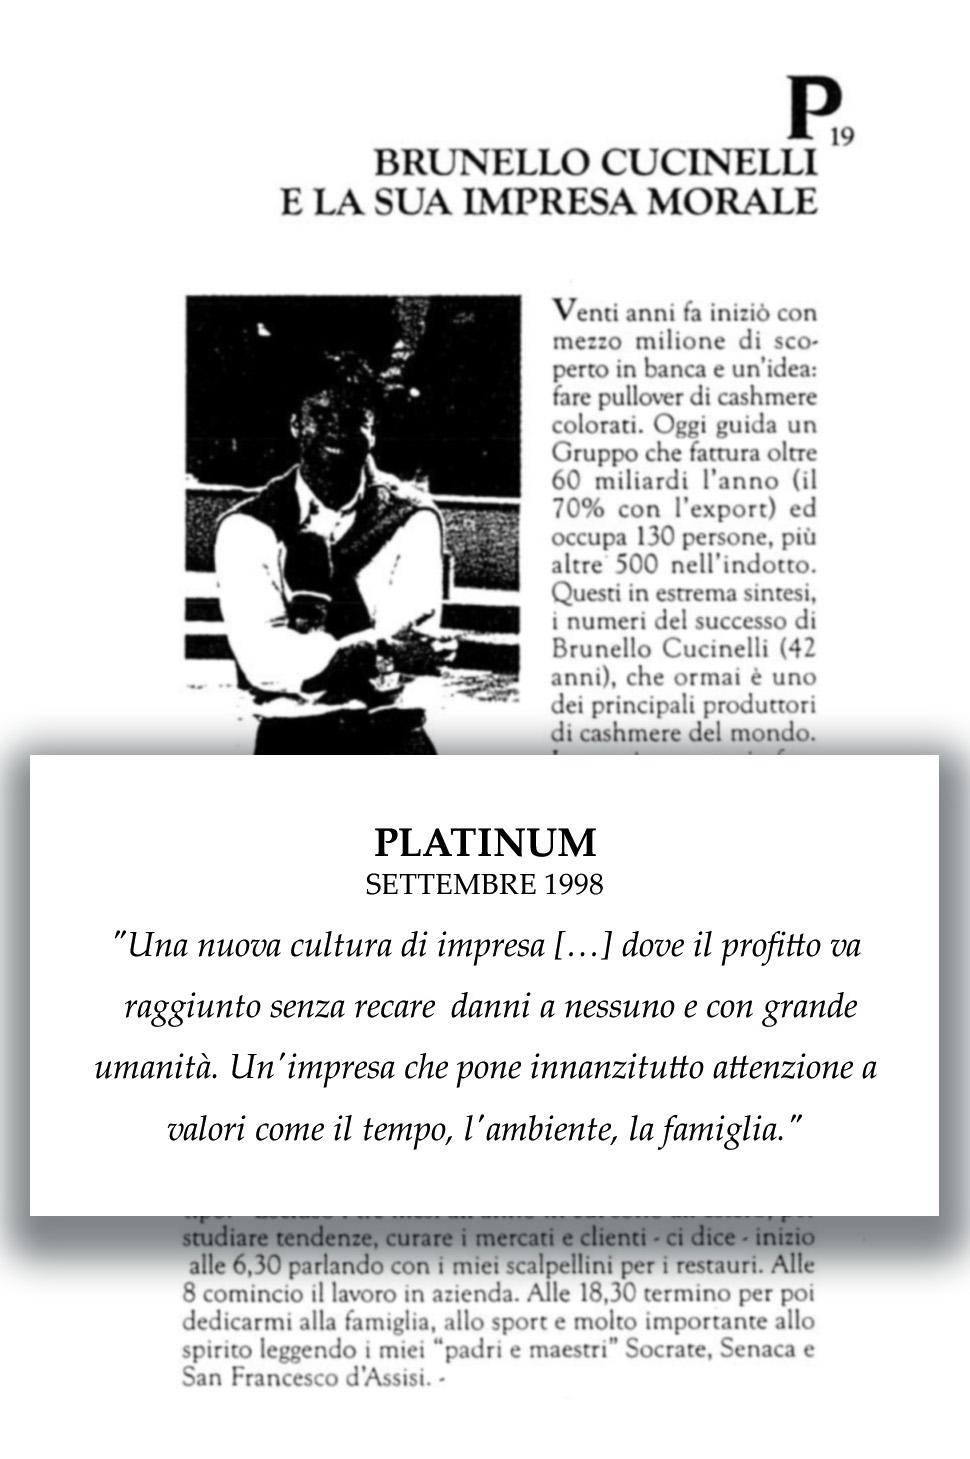 1998 Platinum